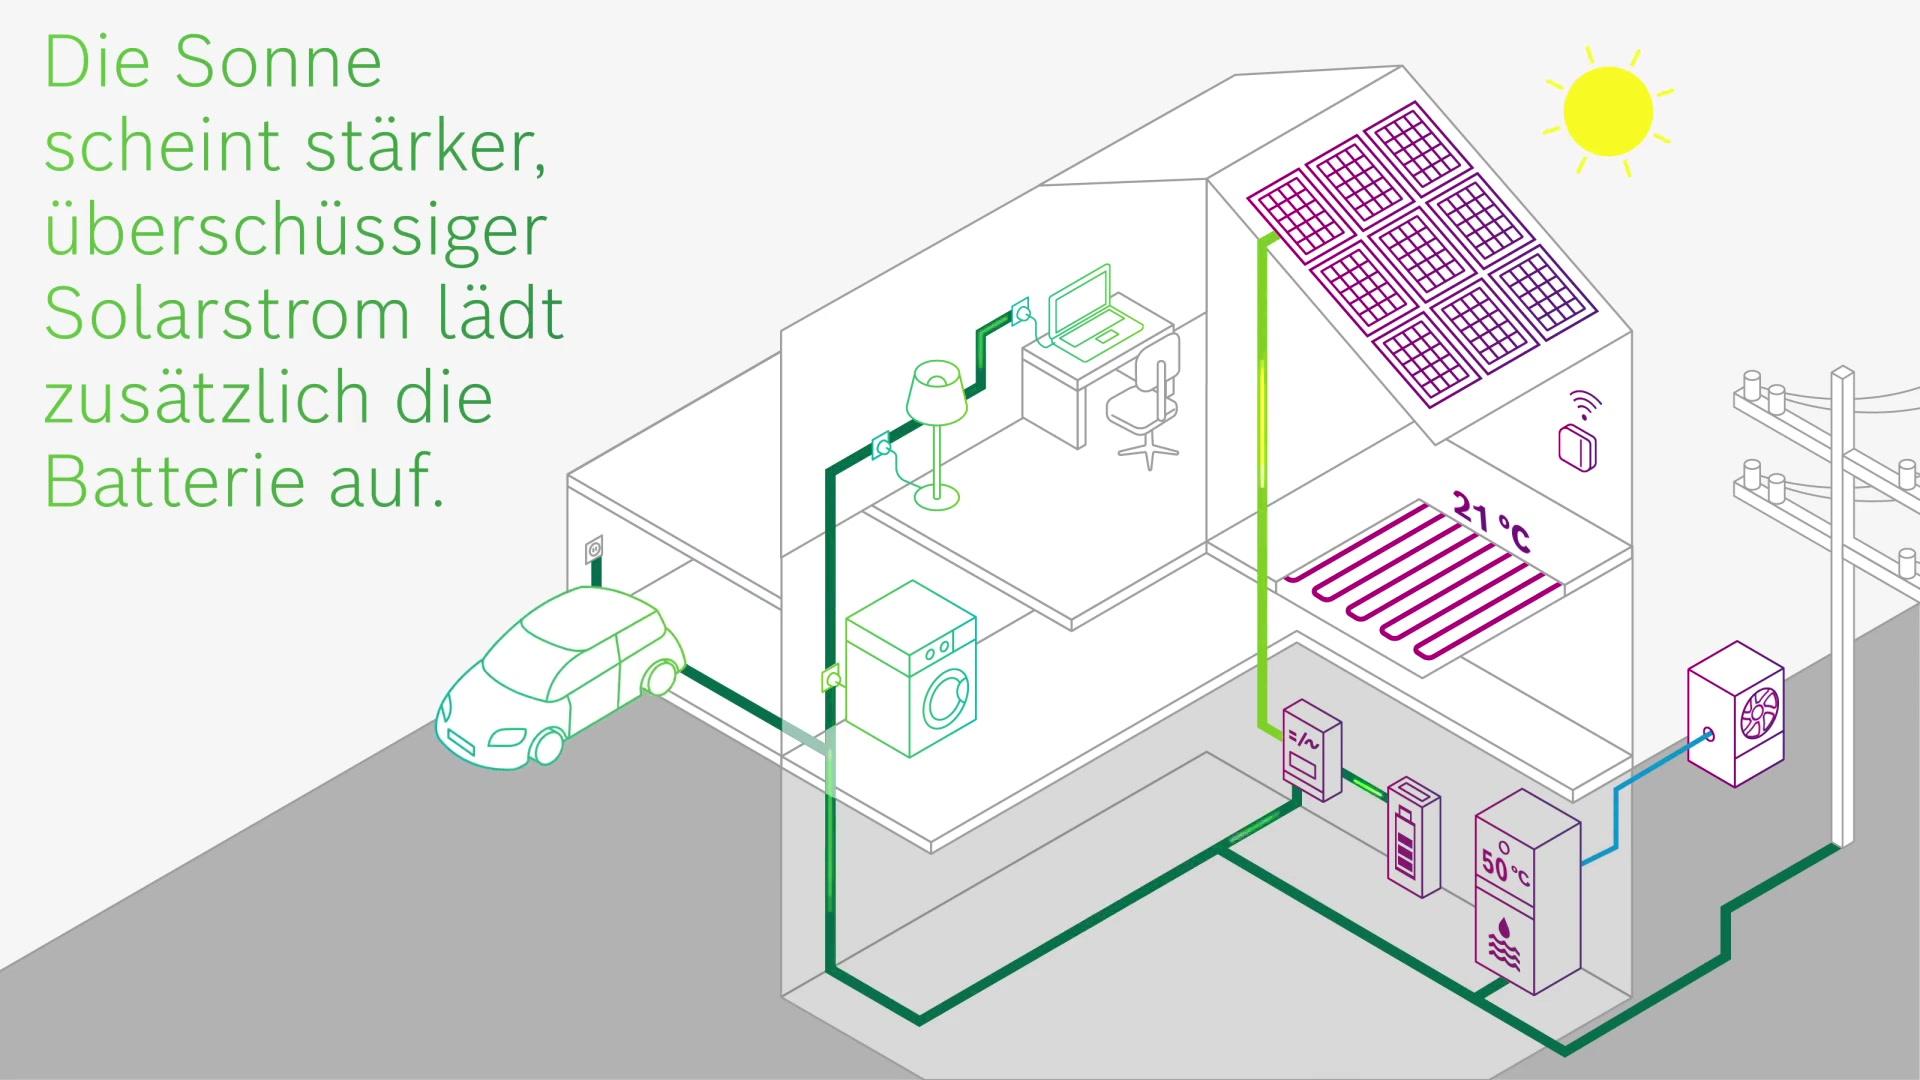 Smart Home und Energiemanagement: Der Bosch Energiemanager steuert den Energiefluss des selbst produzierten Solarstroms.